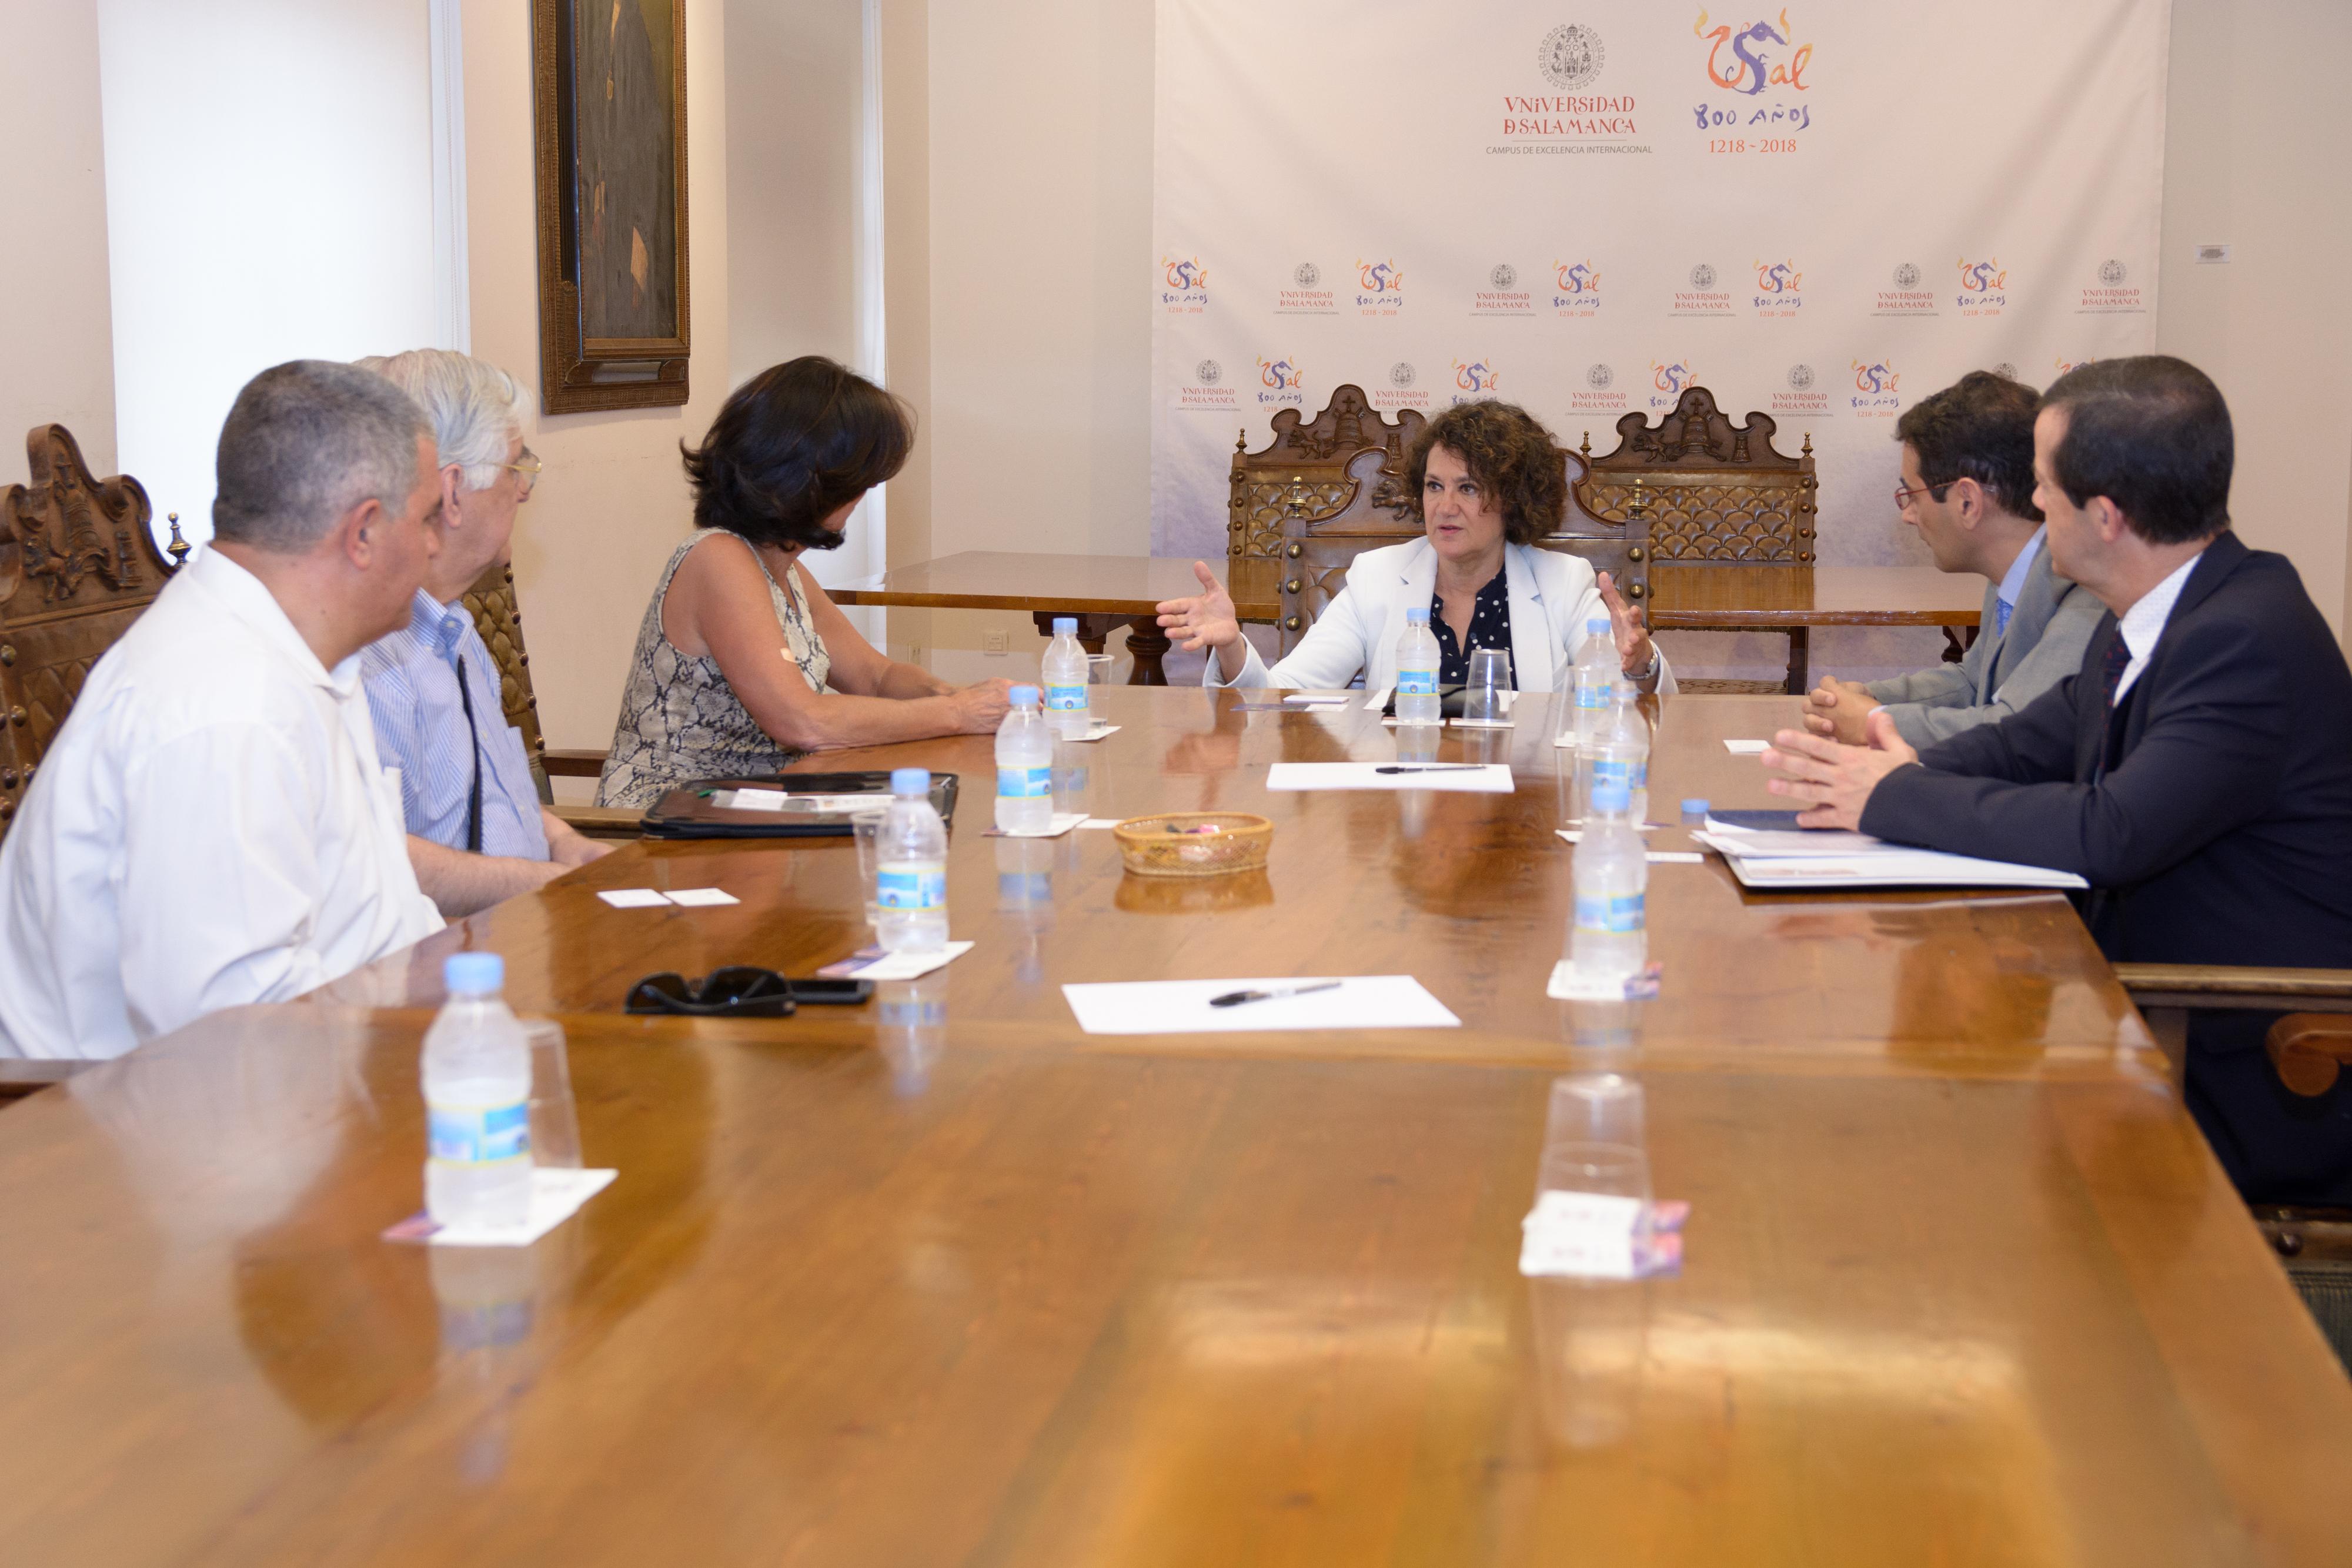 La Universidad de Salamanca recibe una delegación de la Federación Europea de Centros Educativos